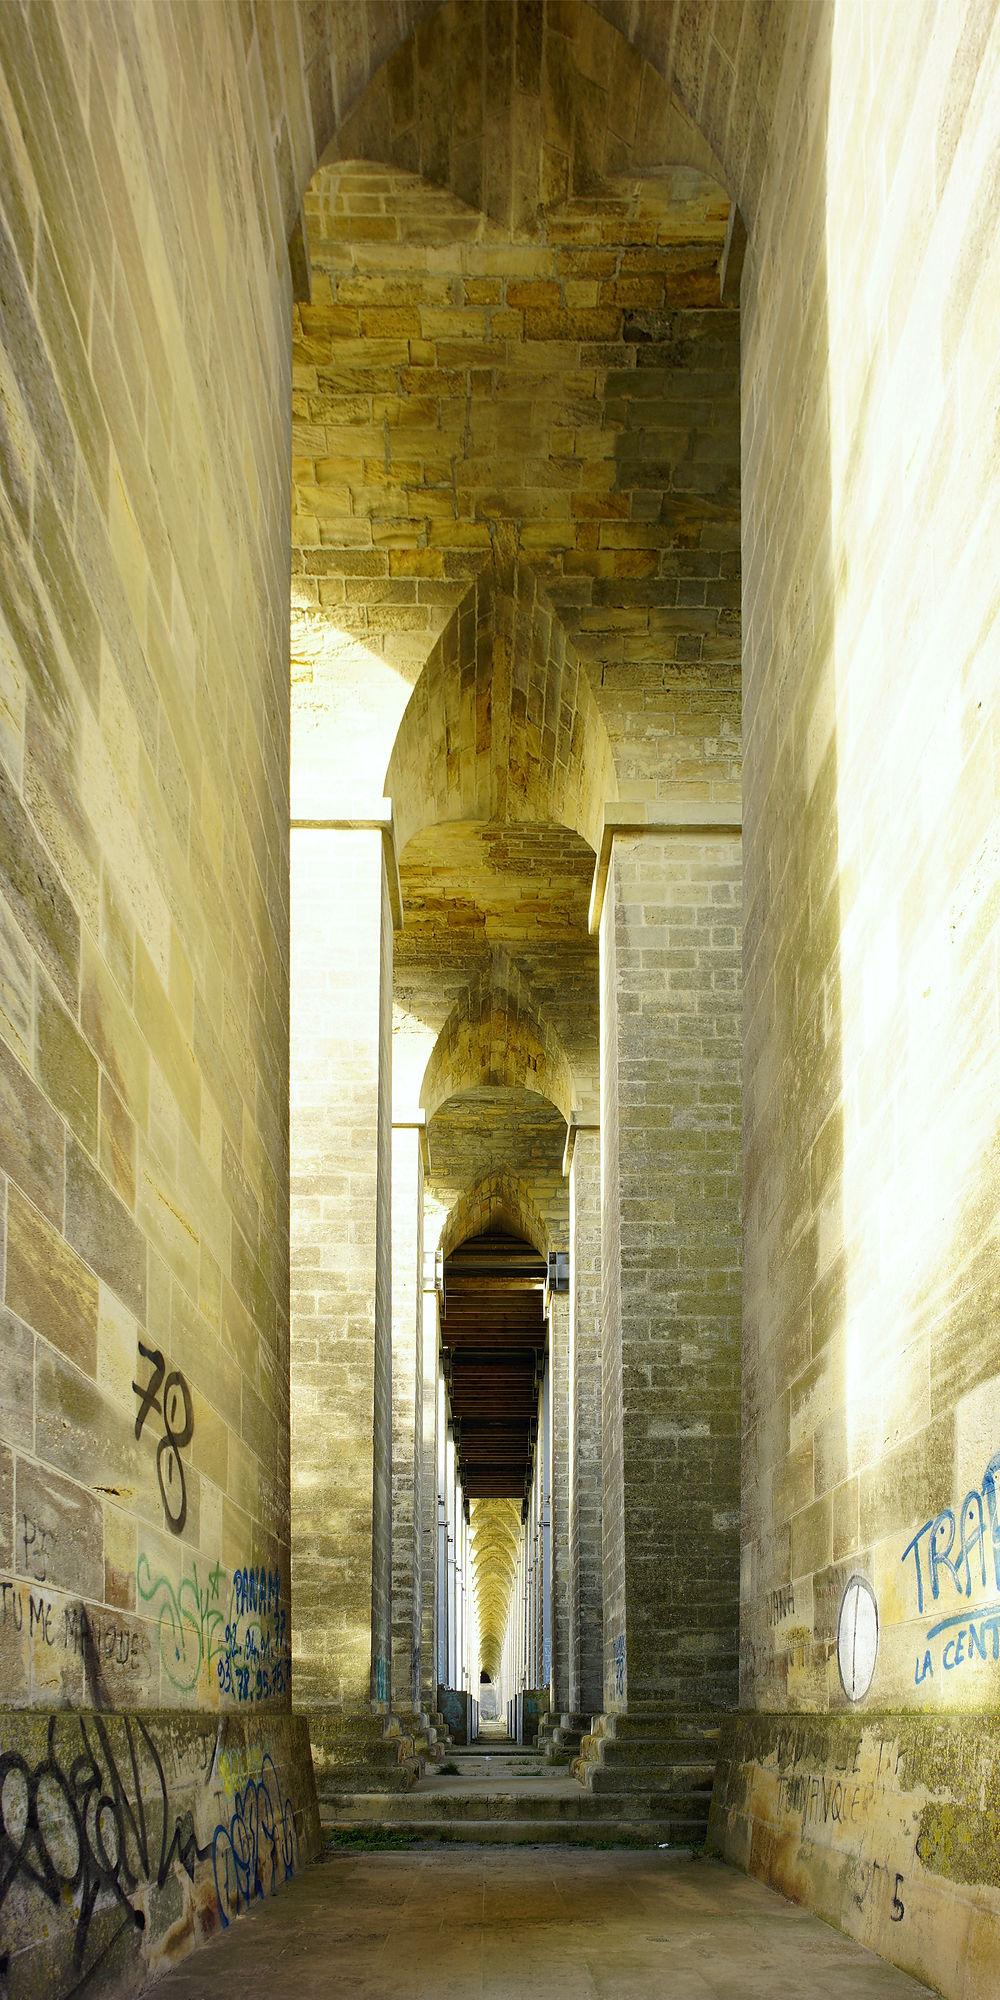 * die alte Straßenbrücke ~ Stützbögen aus Kalkstein wie in Kathedralen *